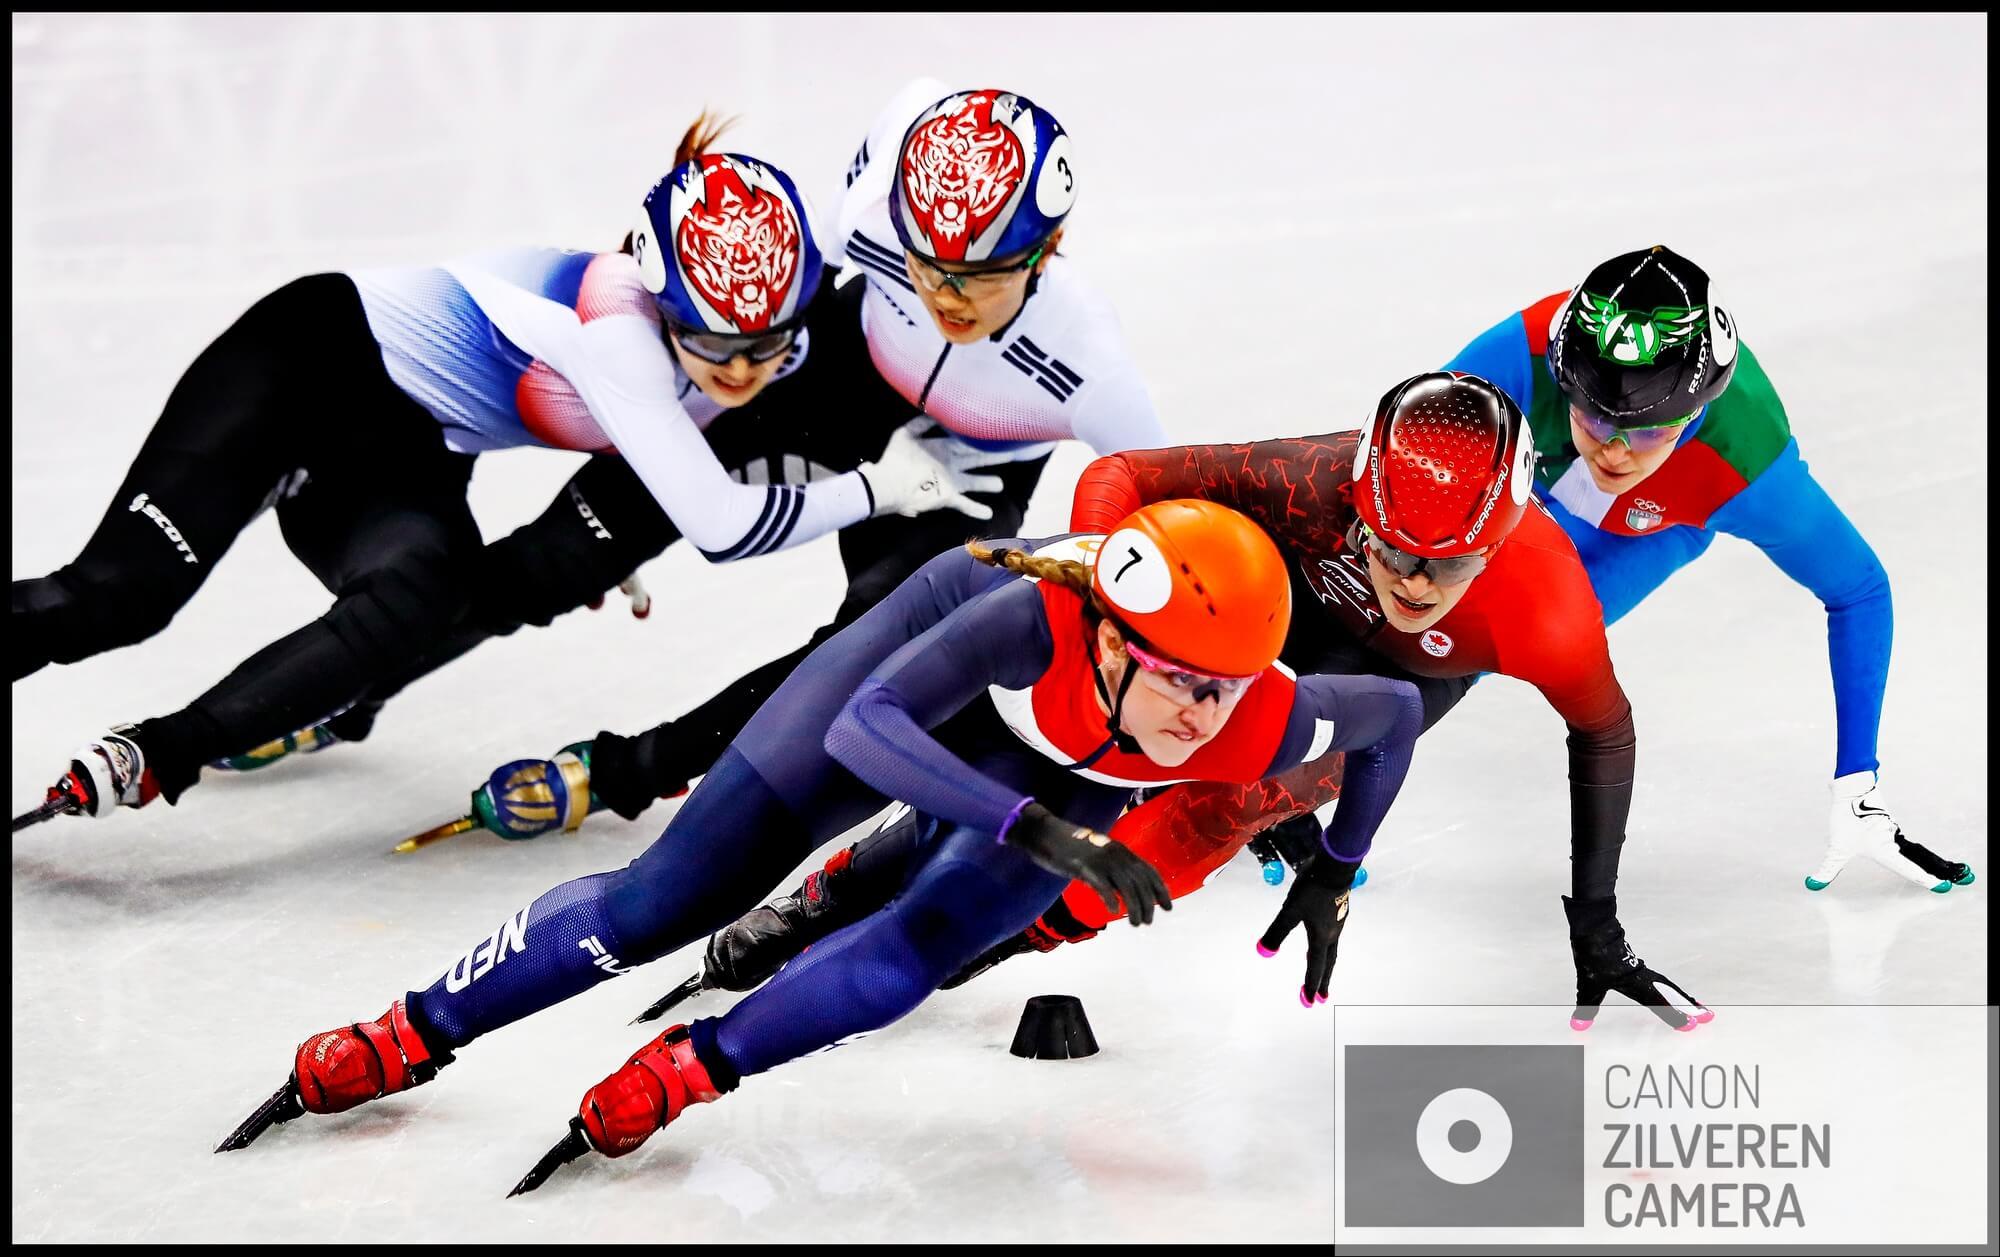 Serie Suzanne Schulting; Van Olympische val tot Sportvrouw van het Jaar. Olympische Winterspelen 2018Zuid-Korea, Gangneung, 22-02-2018FOTO 5Met nog een halve ronde te gaan in de finale op de 1000 meter duwen de Koreaanse dames Suk en Choi elkaar de baan uit waarna Suzanne Schulting de finish in zicht heeft en als eerste zal eindigen voor de Canadese Kim Boutin en Arianne Foantane. Olympisch goud voor Schulting! Ze kan het zelf bijna niet geloven.